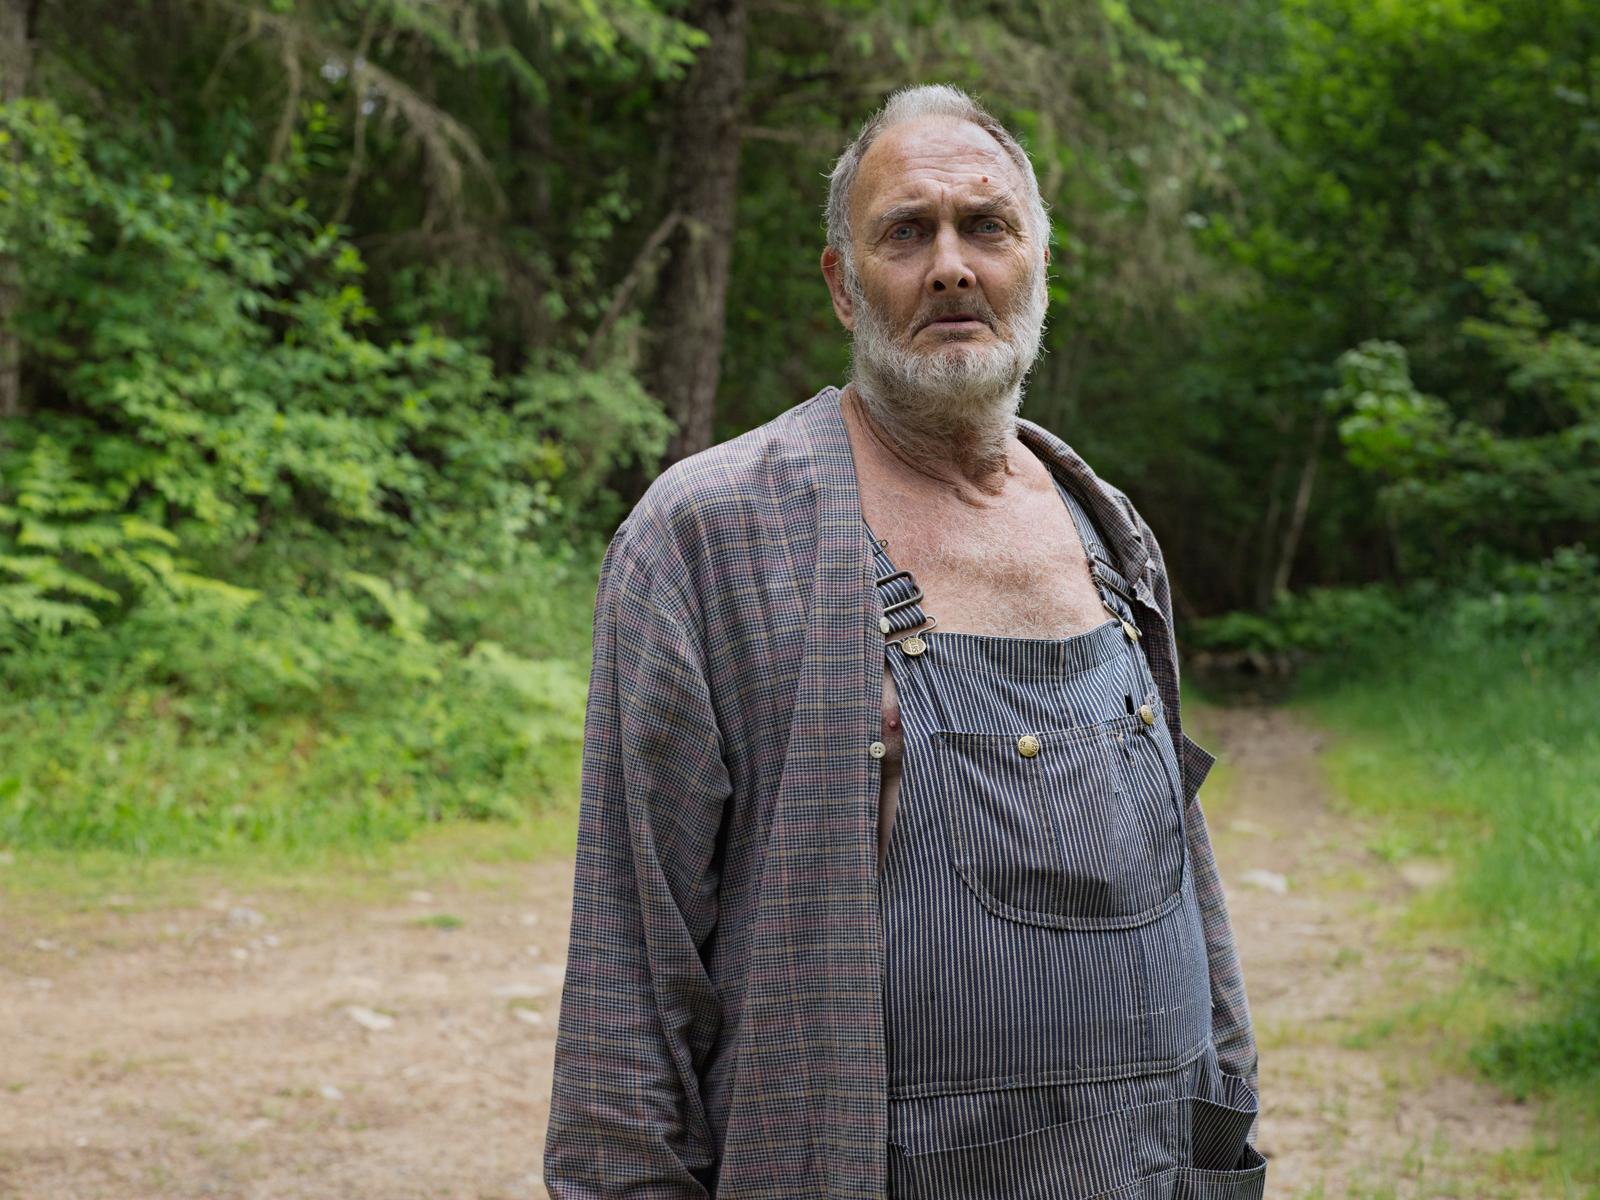 Paul, tree grower, Oregon. © Lucas Foglia, courtesy of Michael Hoppen Gallery, London.